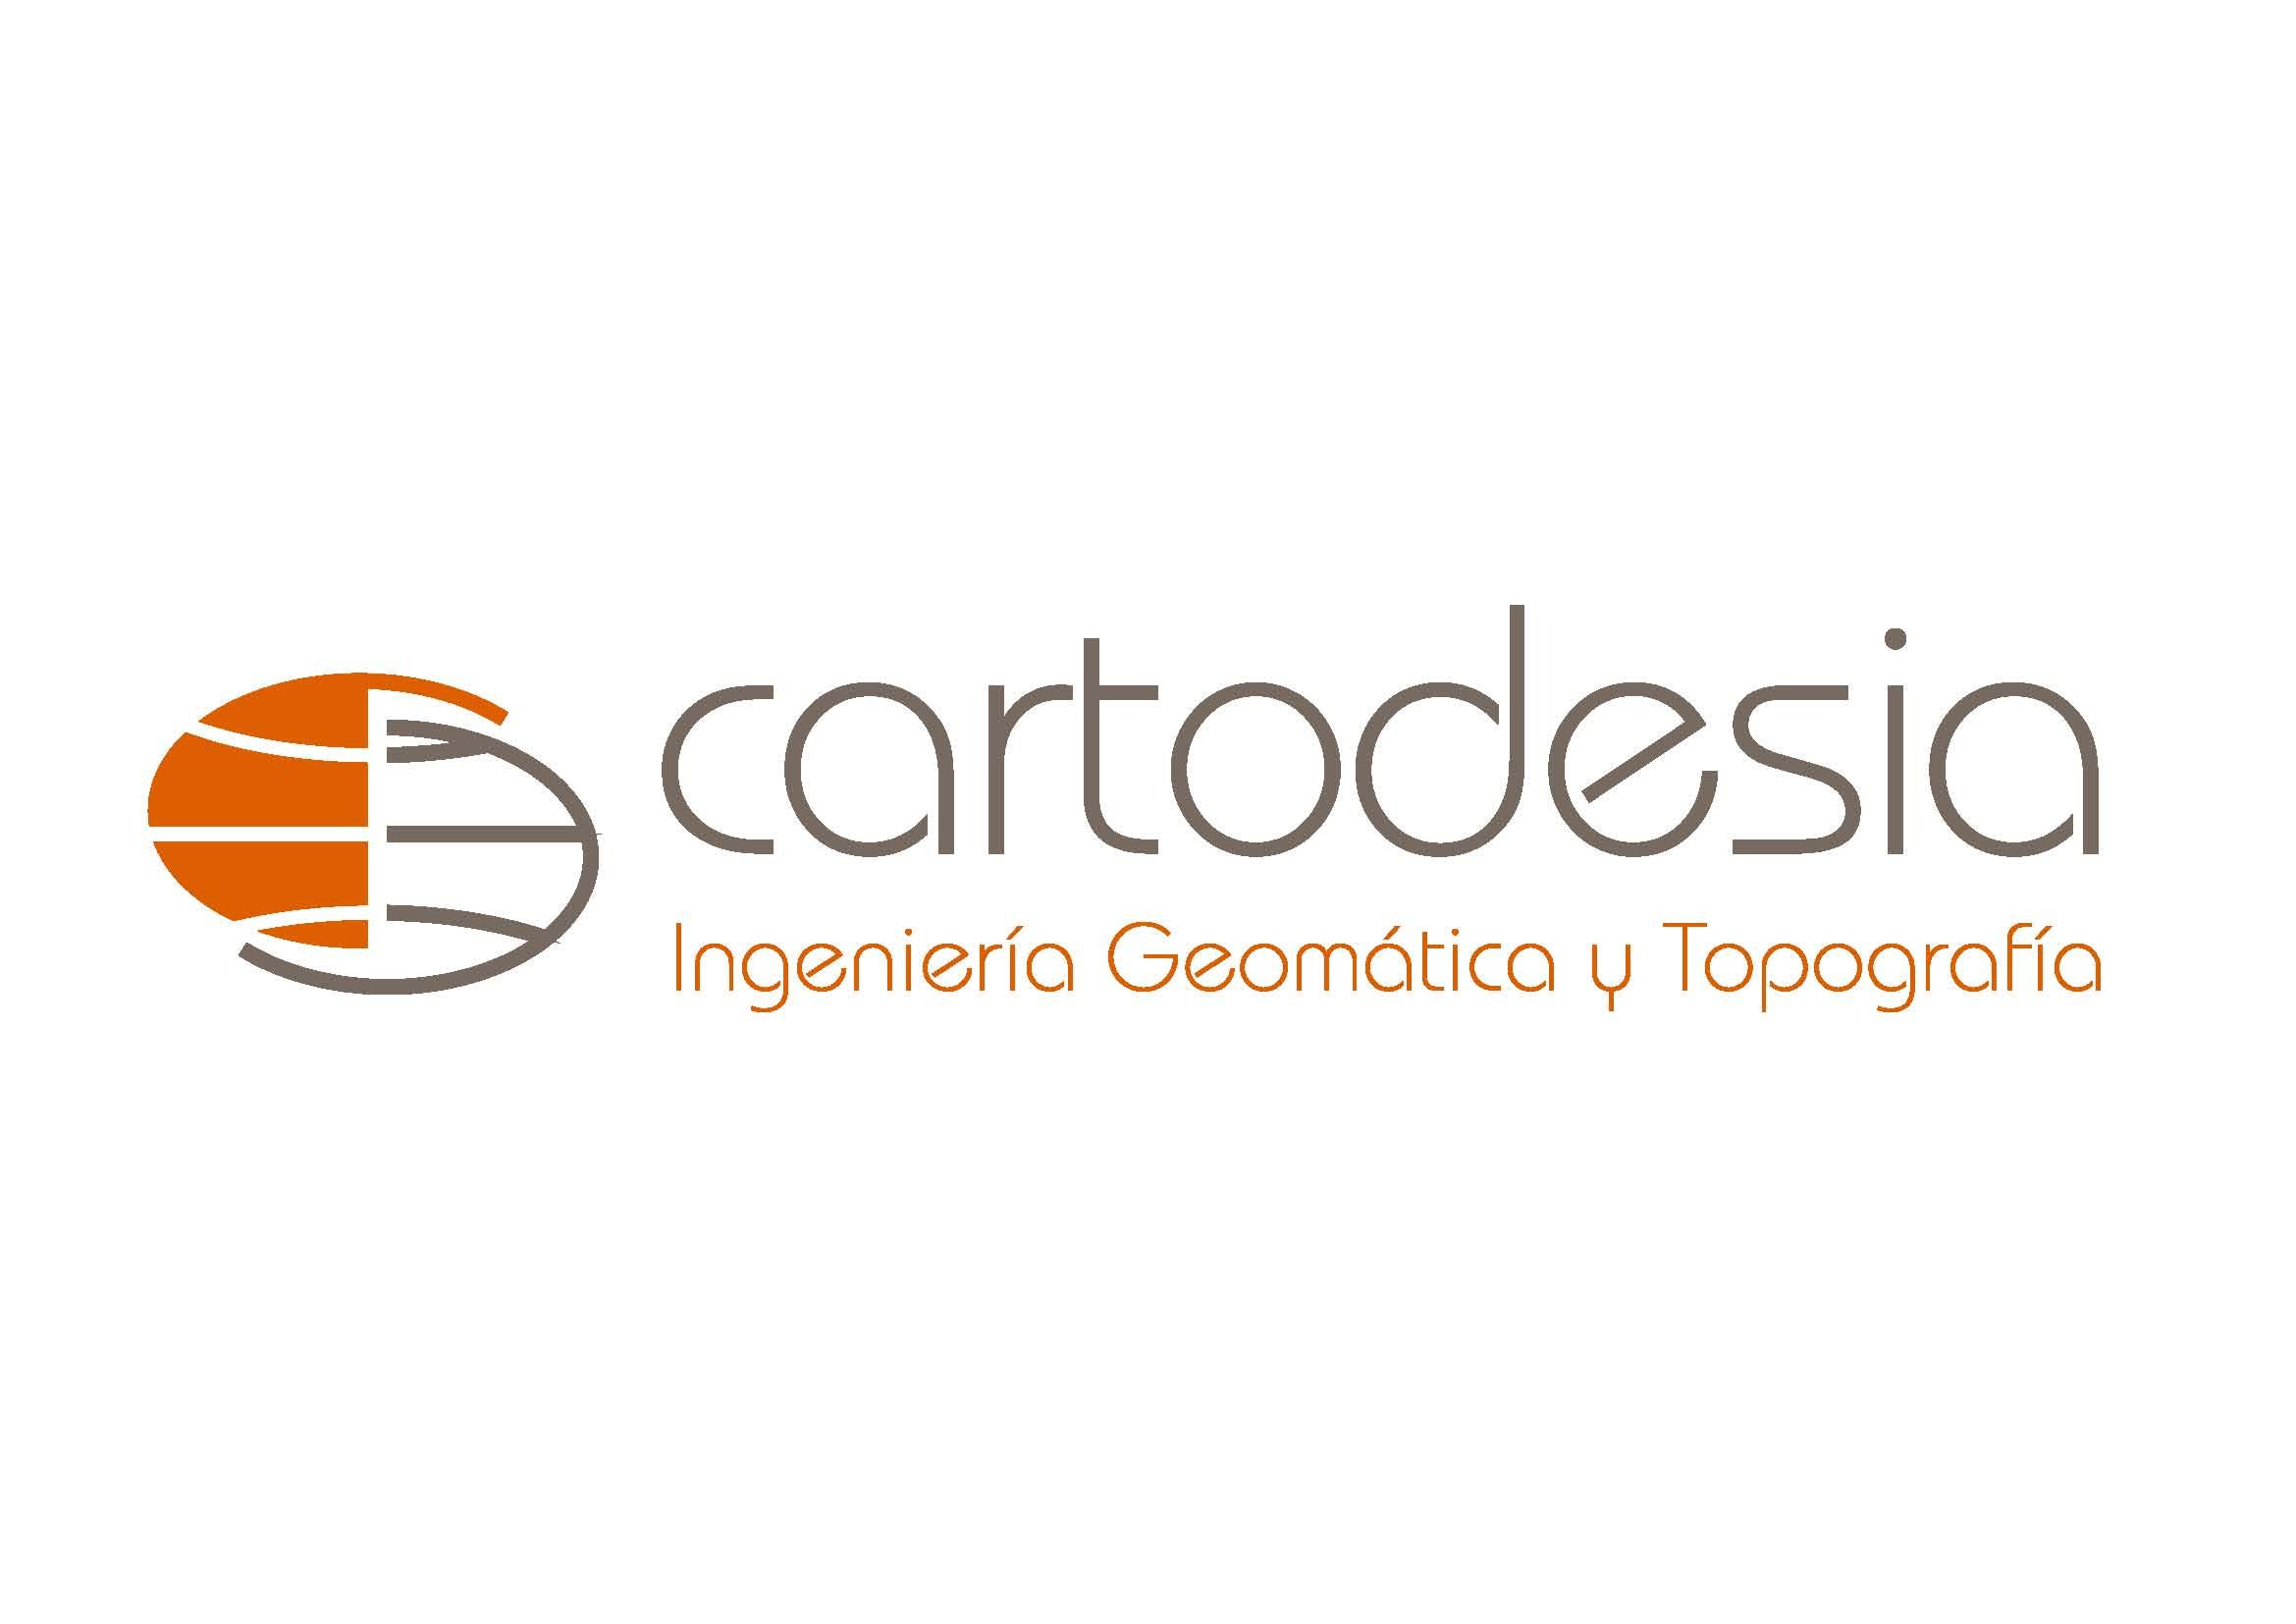 Cartodesia